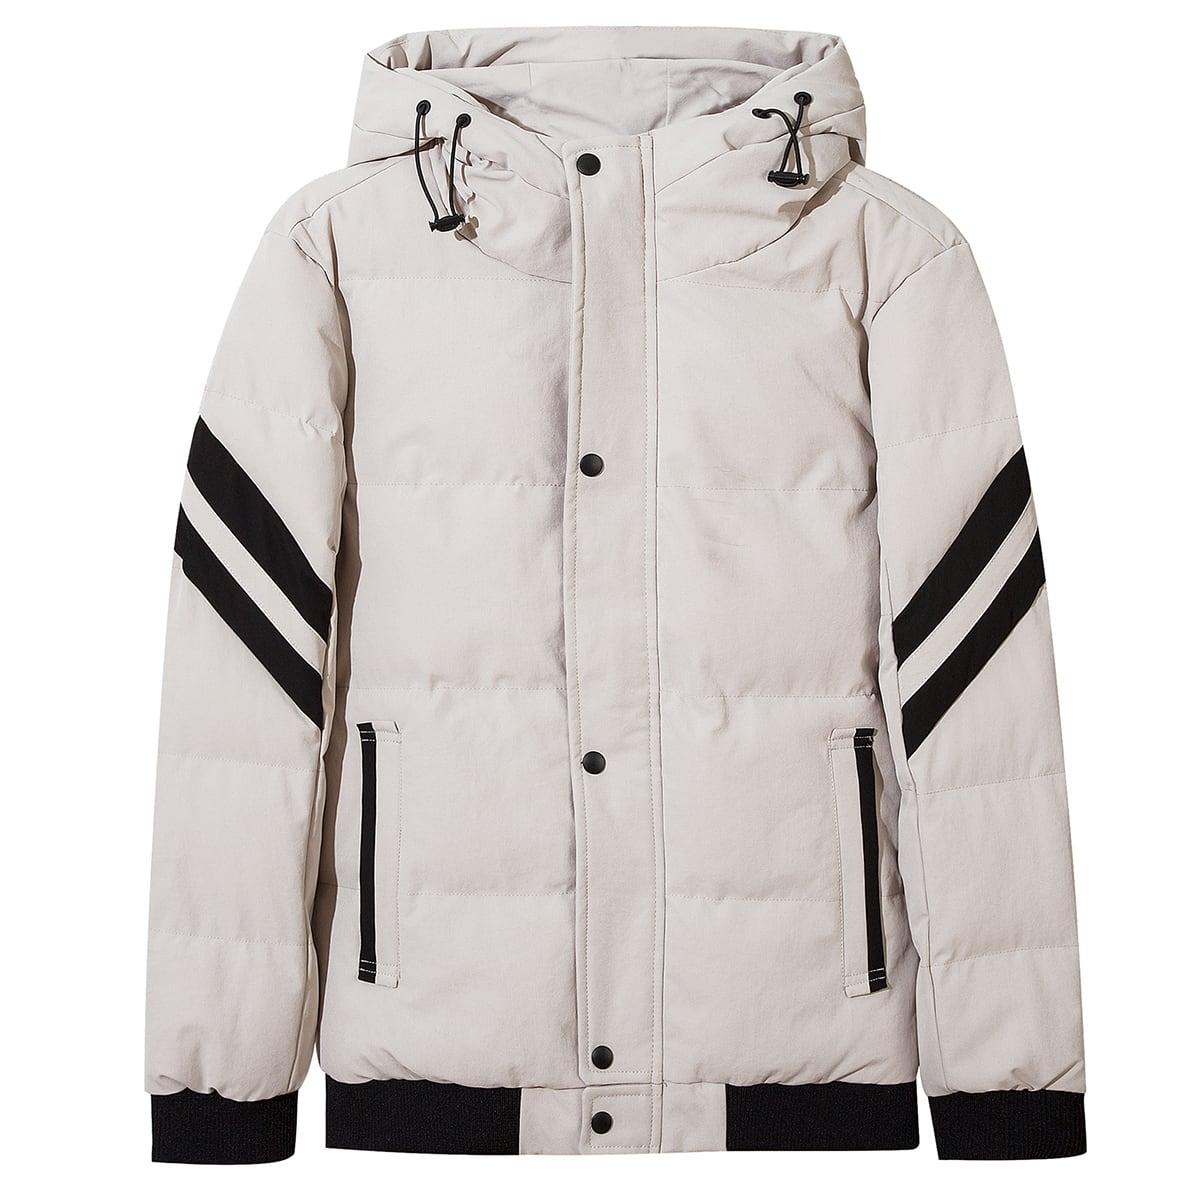 Мужская теплая куртка на кулиске с капюшоном и текстовым принтом